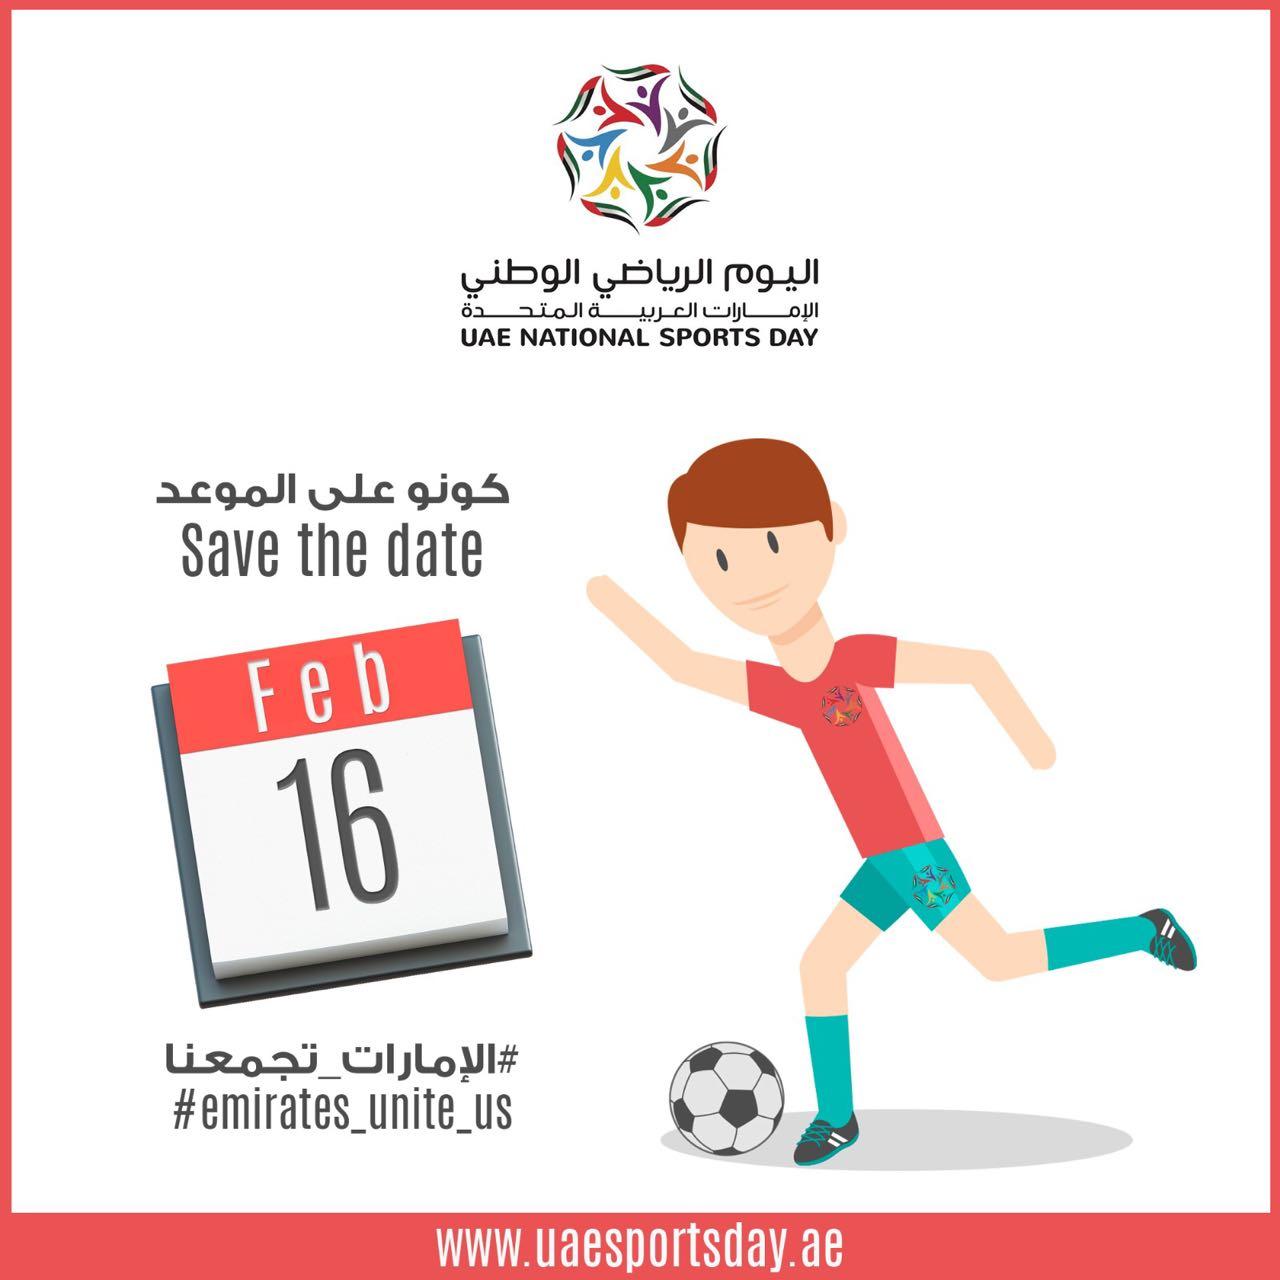 فعاليات مميزه لنادي الفجيرة البحري  ومدرسة أبوجندل في اليوم الرياضي الوطني